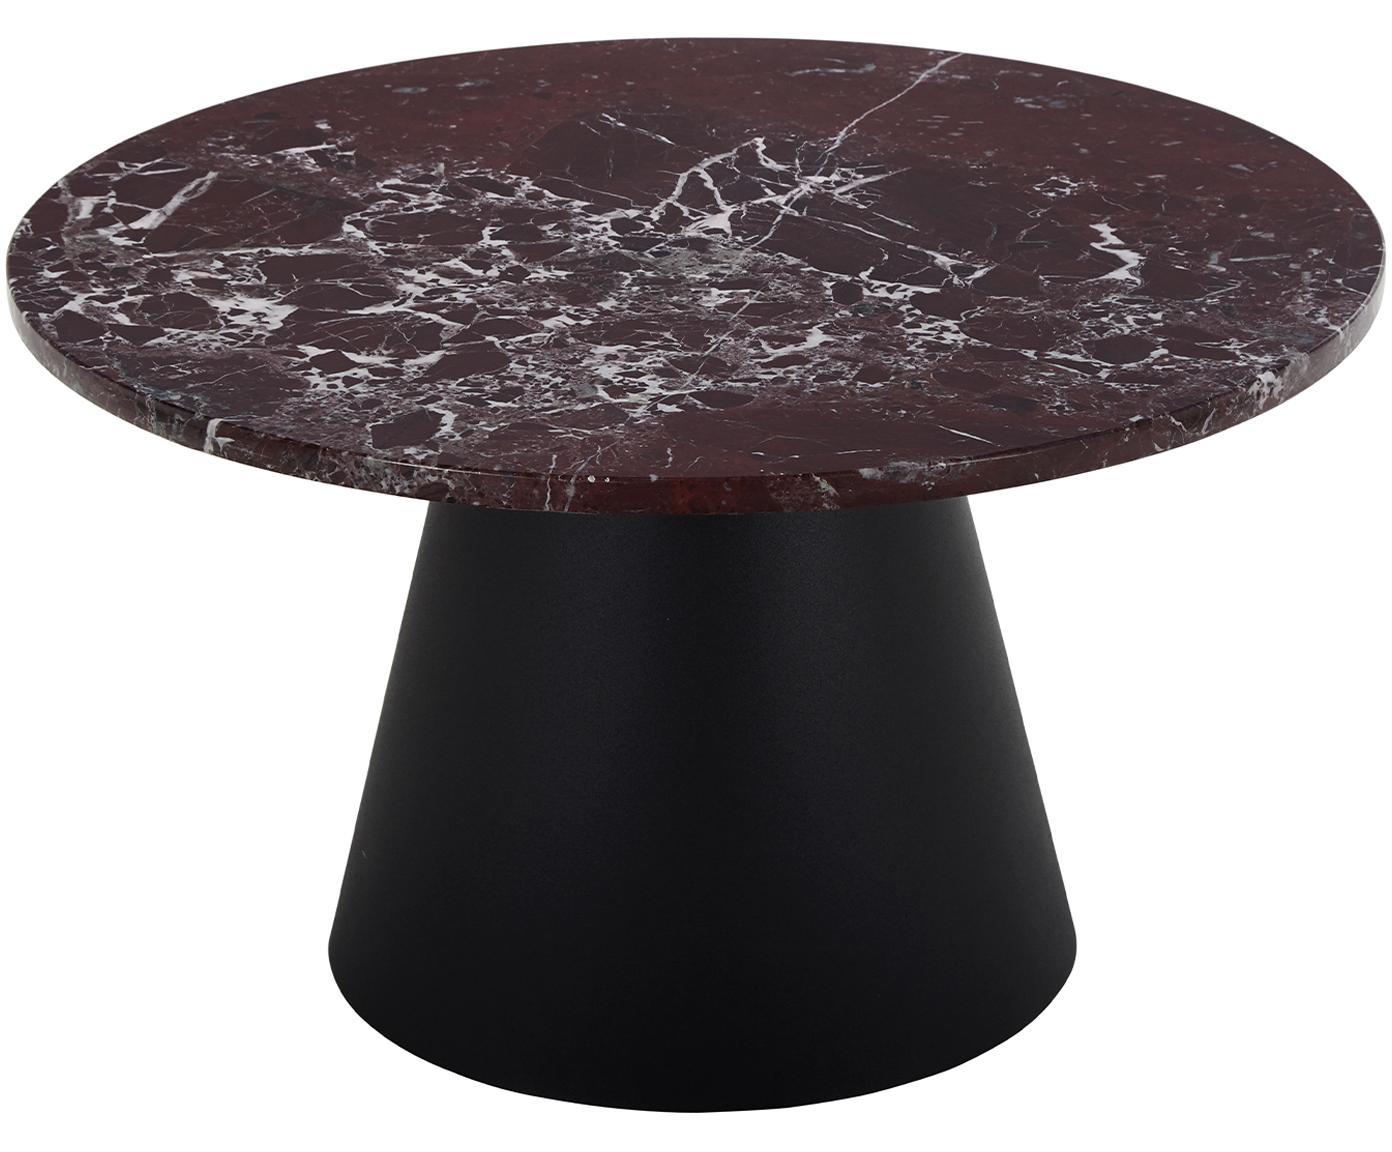 Runder Marmor-Couchtisch Mary, Tischplatte: Marmor, Gestell: Metall, beschichtet, Rot-weißer Marmor, Schwarz, ∅ 70 x H 40 cm